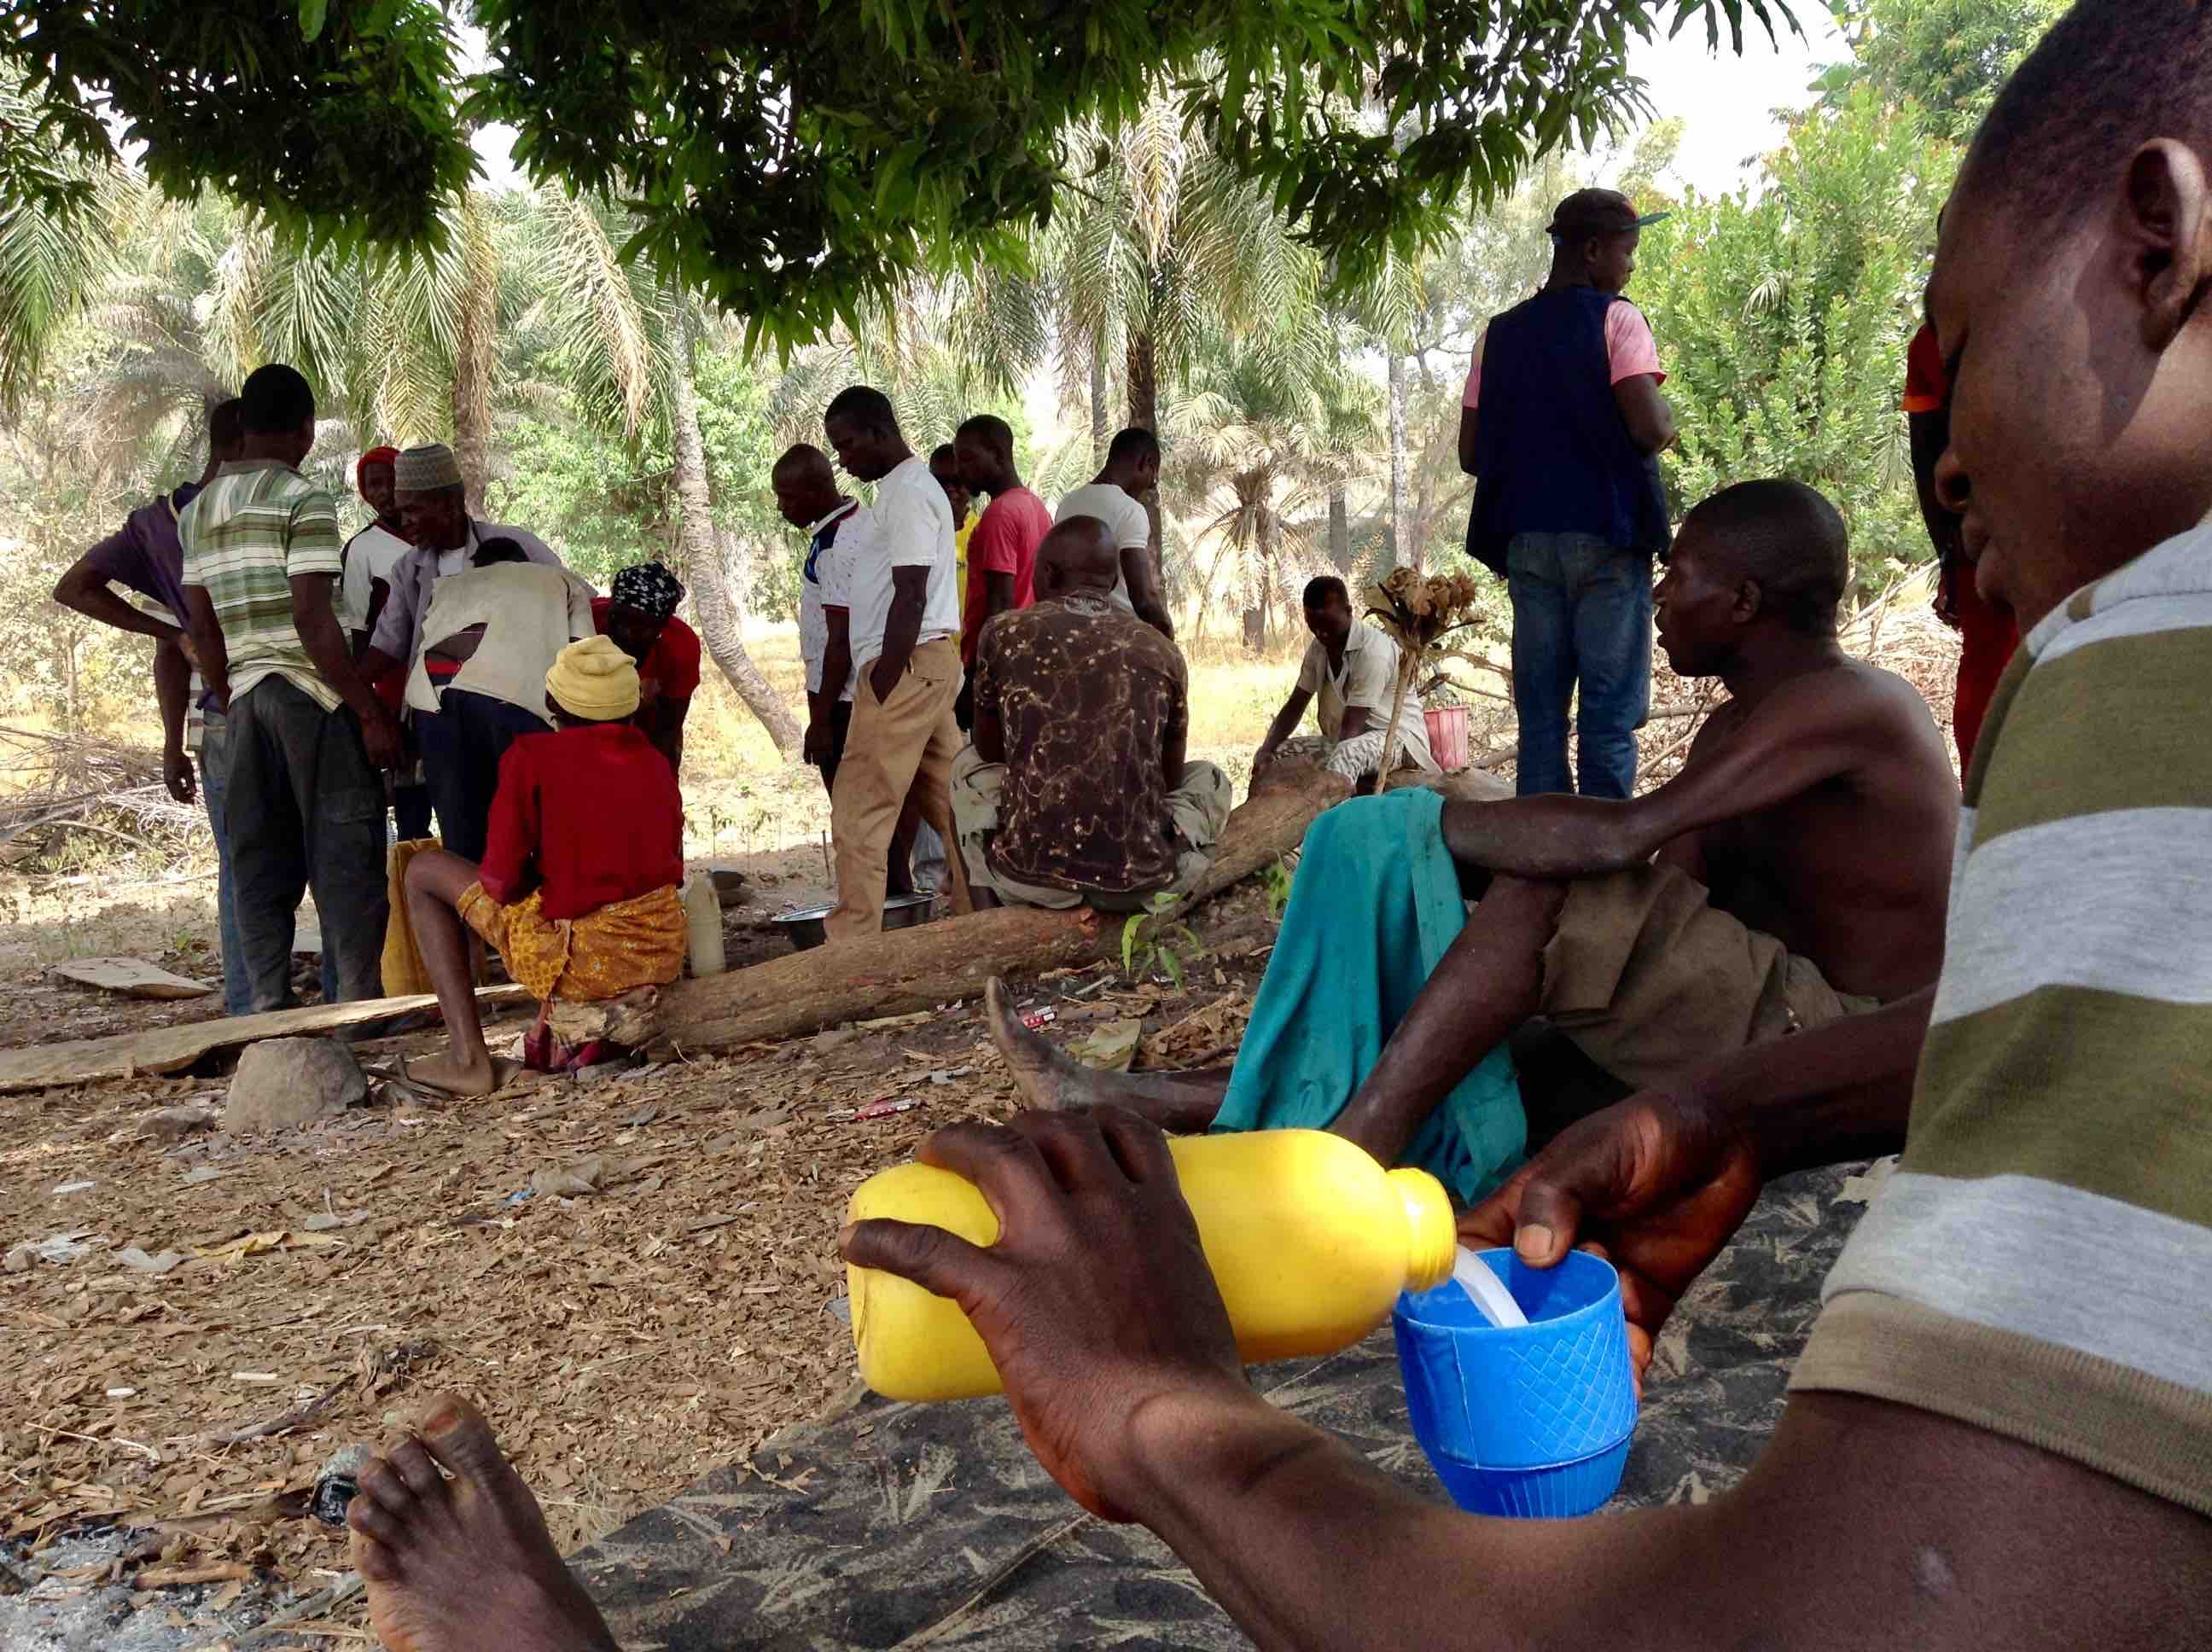 Langa Langa Villagers drinking palm wine under tree shade, Langa Langa Village, Nasarawa State, Nigeria. #JujuFilms